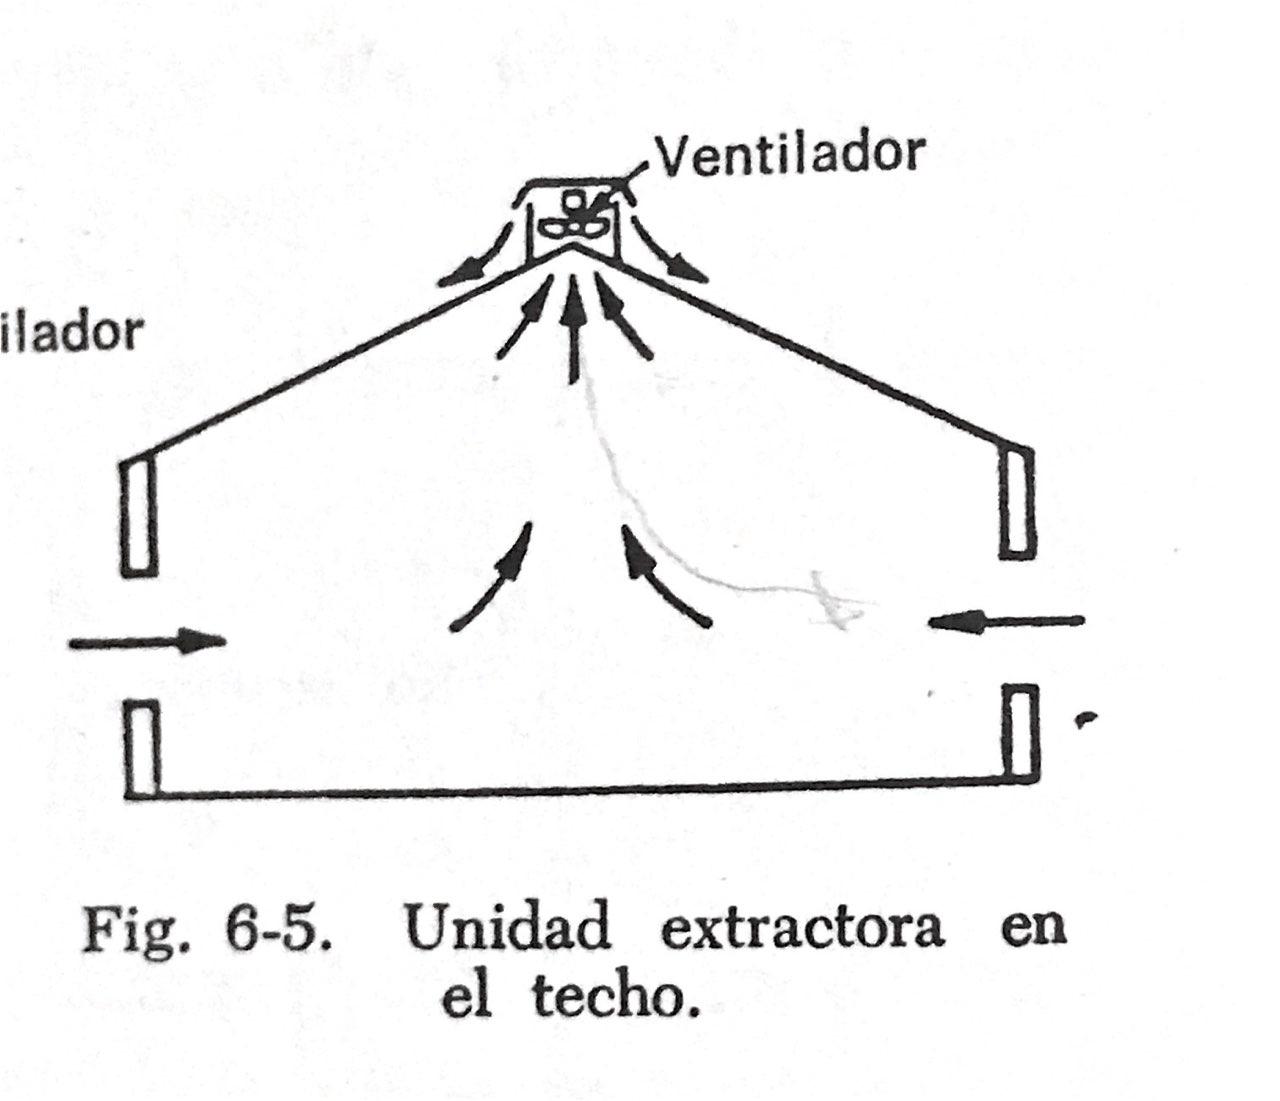 ejemplo de como funciona un extractor en el techo